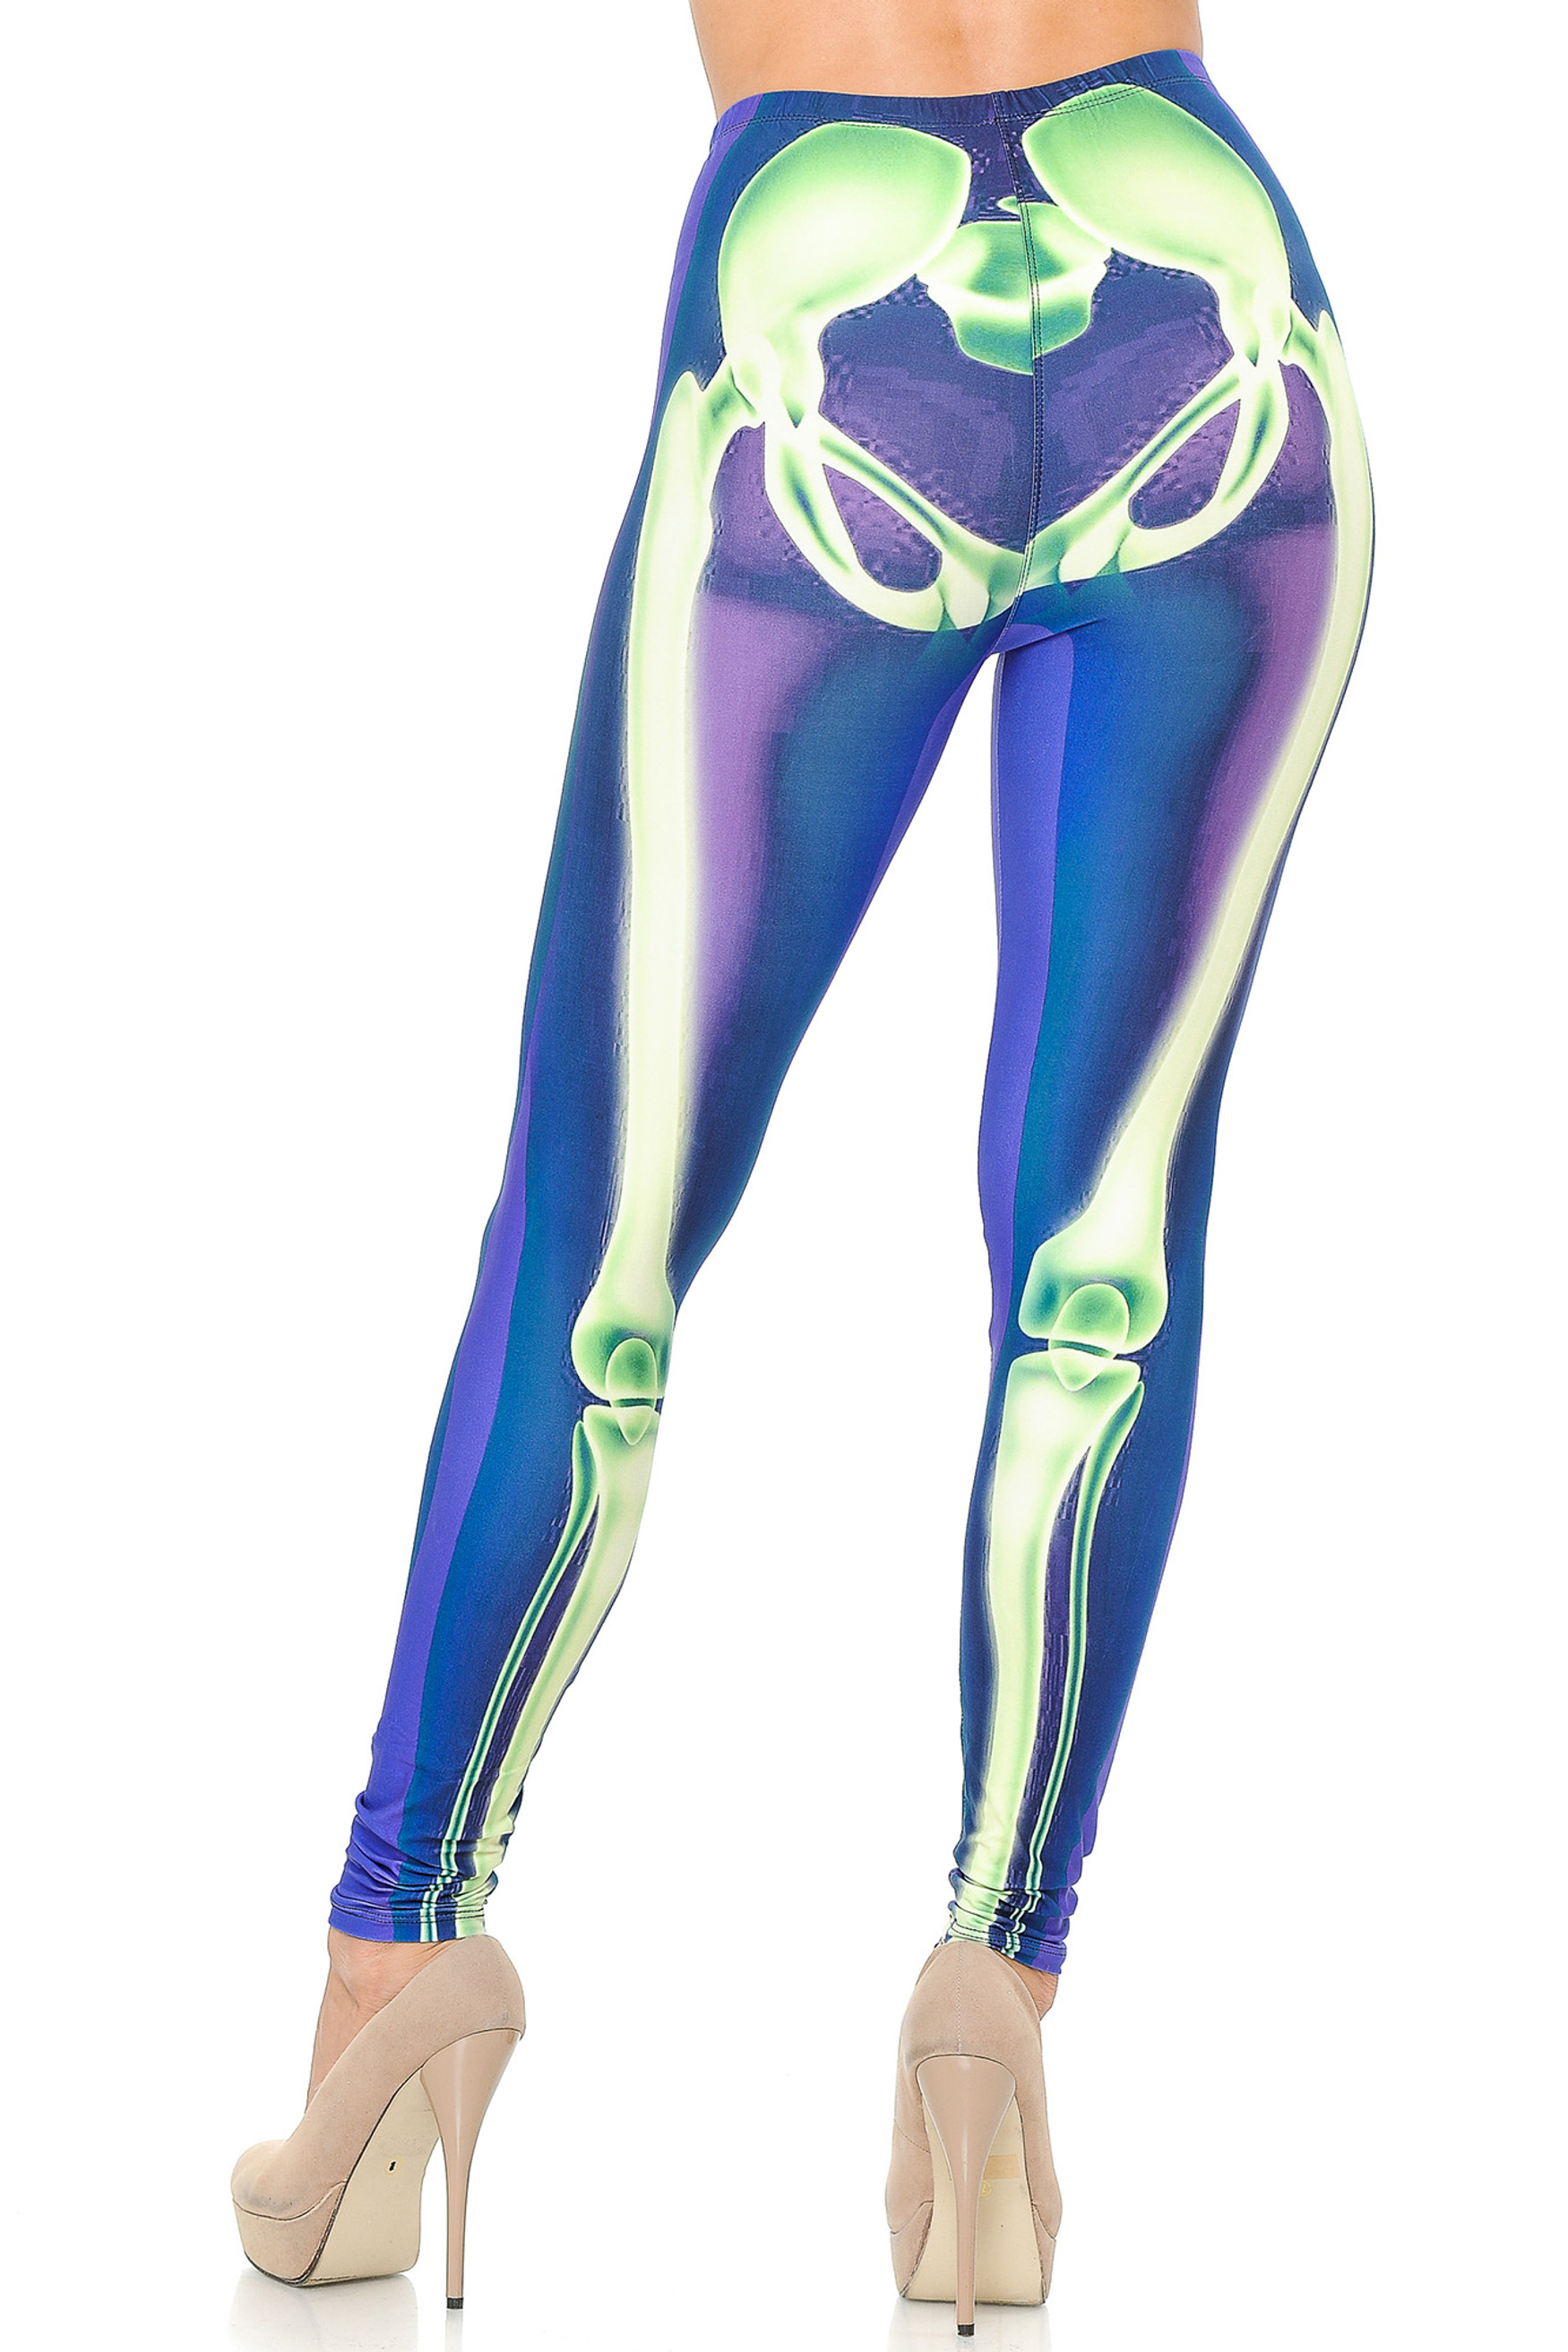 Creamy Soft Chernobyl Skeleton Bones Leggings - USA Fashion™